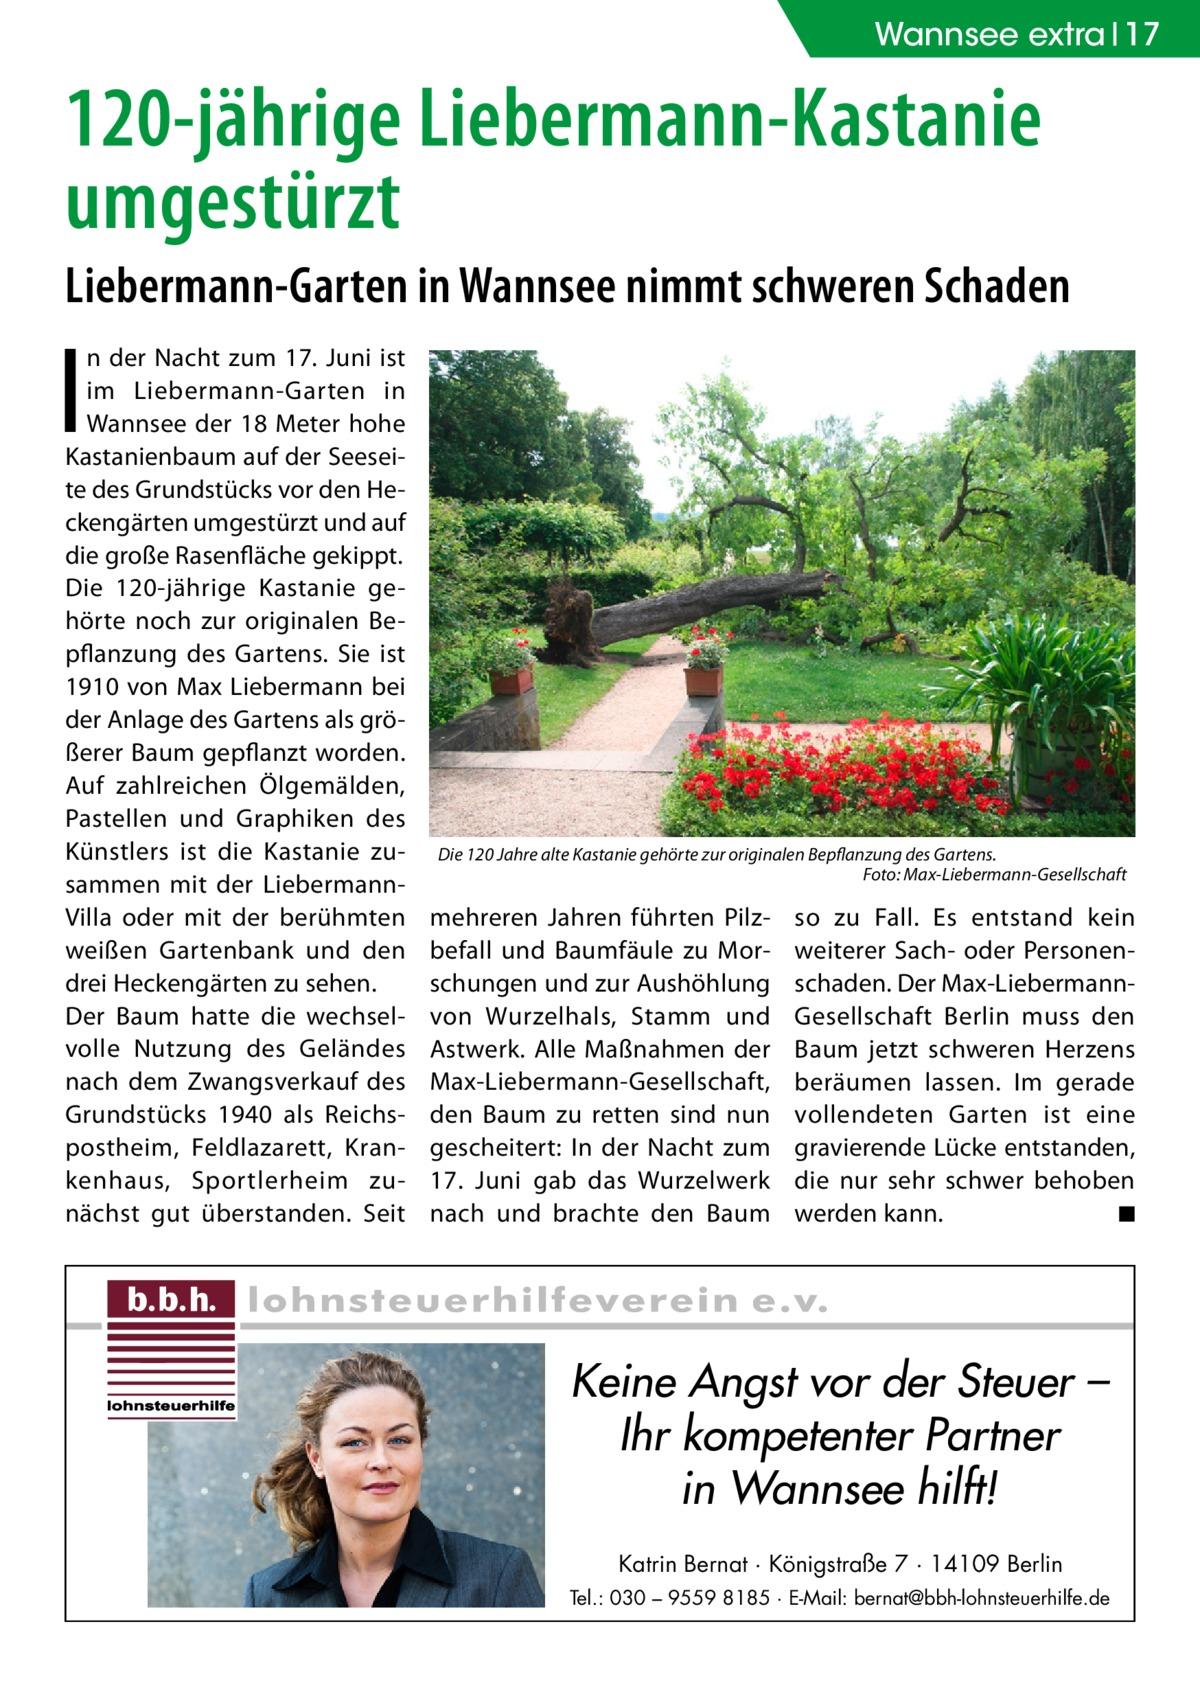 Wannsee extra 17  120-jährige Liebermann-Kastanie umgestürzt Liebermann-Garten in Wannsee nimmt schweren Schaden  I  n der Nacht zum 17. Juni ist im Liebermann-Garten in Wannsee der 18 Meter hohe Kastanienbaum auf der Seeseite des Grundstücks vor den Heckengärten umgestürzt und auf die große Rasenfläche gekippt. Die 120-jährige Kastanie gehörte noch zur originalen Bepflanzung des Gartens. Sie ist 1910 von Max Liebermann bei der Anlage des Gartens als größerer Baum gepflanzt worden. Auf zahlreichen Ölgemälden, Pastellen und Graphiken des Künstlers ist die Kastanie zusammen mit der LiebermannVilla oder mit der berühmten weißen Gartenbank und den drei Heckengärten zu sehen. Der Baum hatte die wechselvolle Nutzung des Geländes nach dem Zwangsverkauf des Grundstücks 1940 als Reichspostheim, Feldlazarett, Krankenhaus, Sportlerheim zunächst gut überstanden. Seit  Die 120 Jahre alte Kastanie gehörte zur originalen Bepflanzung des Gartens. � Foto: Max-Liebermann-Gesellschaft  mehreren Jahren führten Pilzbefall und Baumfäule zu Morschungen und zur Aushöhlung von Wurzelhals, Stamm und Astwerk. Alle Maßnahmen der Max-Liebermann-Gesellschaft, den Baum zu retten sind nun gescheitert: In der Nacht zum 17. Juni gab das Wurzelwerk nach und brachte den Baum  so zu Fall. Es entstand kein weiterer Sach- oder Personenschaden. Der Max-LiebermannGesellschaft Berlin muss den Baum jetzt schweren Herzens beräumen lassen. Im gerade vollendeten Garten ist eine gravierende Lücke entstanden, die nur sehr schwer behoben werden kann. � ◾  Keine Angst vor der Steuer – Ihr kompetenter Partner in Wannsee hilft! Katrin Bernat · Königstraße 7 · 14109 Berlin Tel.: 030 – 9559 8185 · E-Mail: bernat@bbh-lohnsteuerhilfe.de